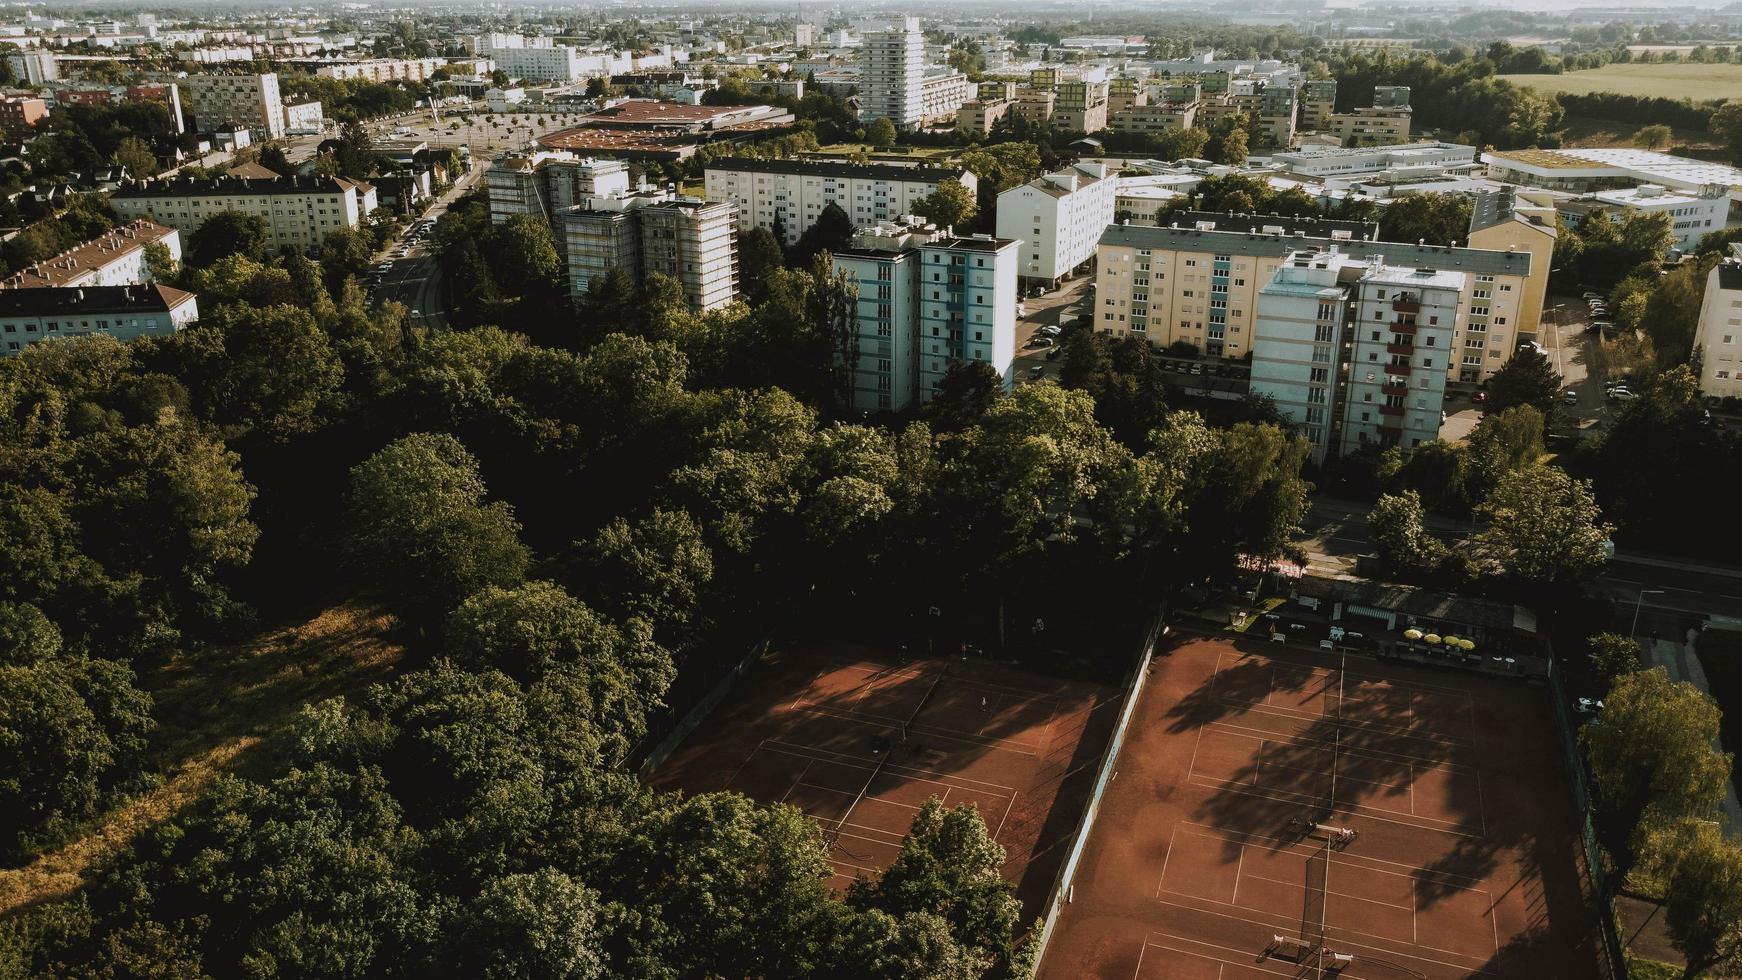 veduta aerea della città foto